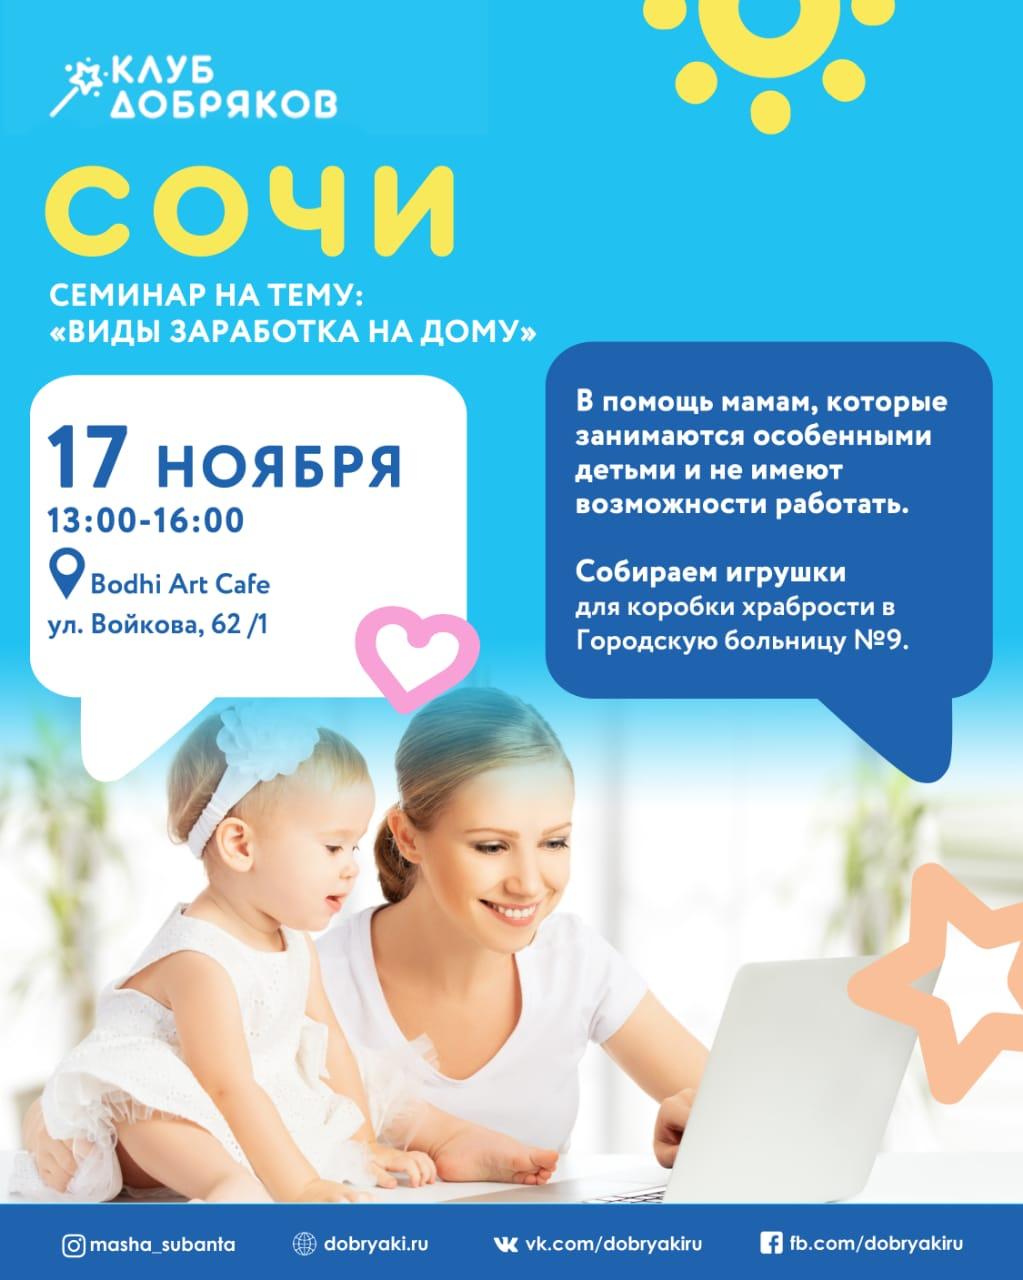 В Сочи пройдет семинар о видах заработка на дому для мам особенных деток